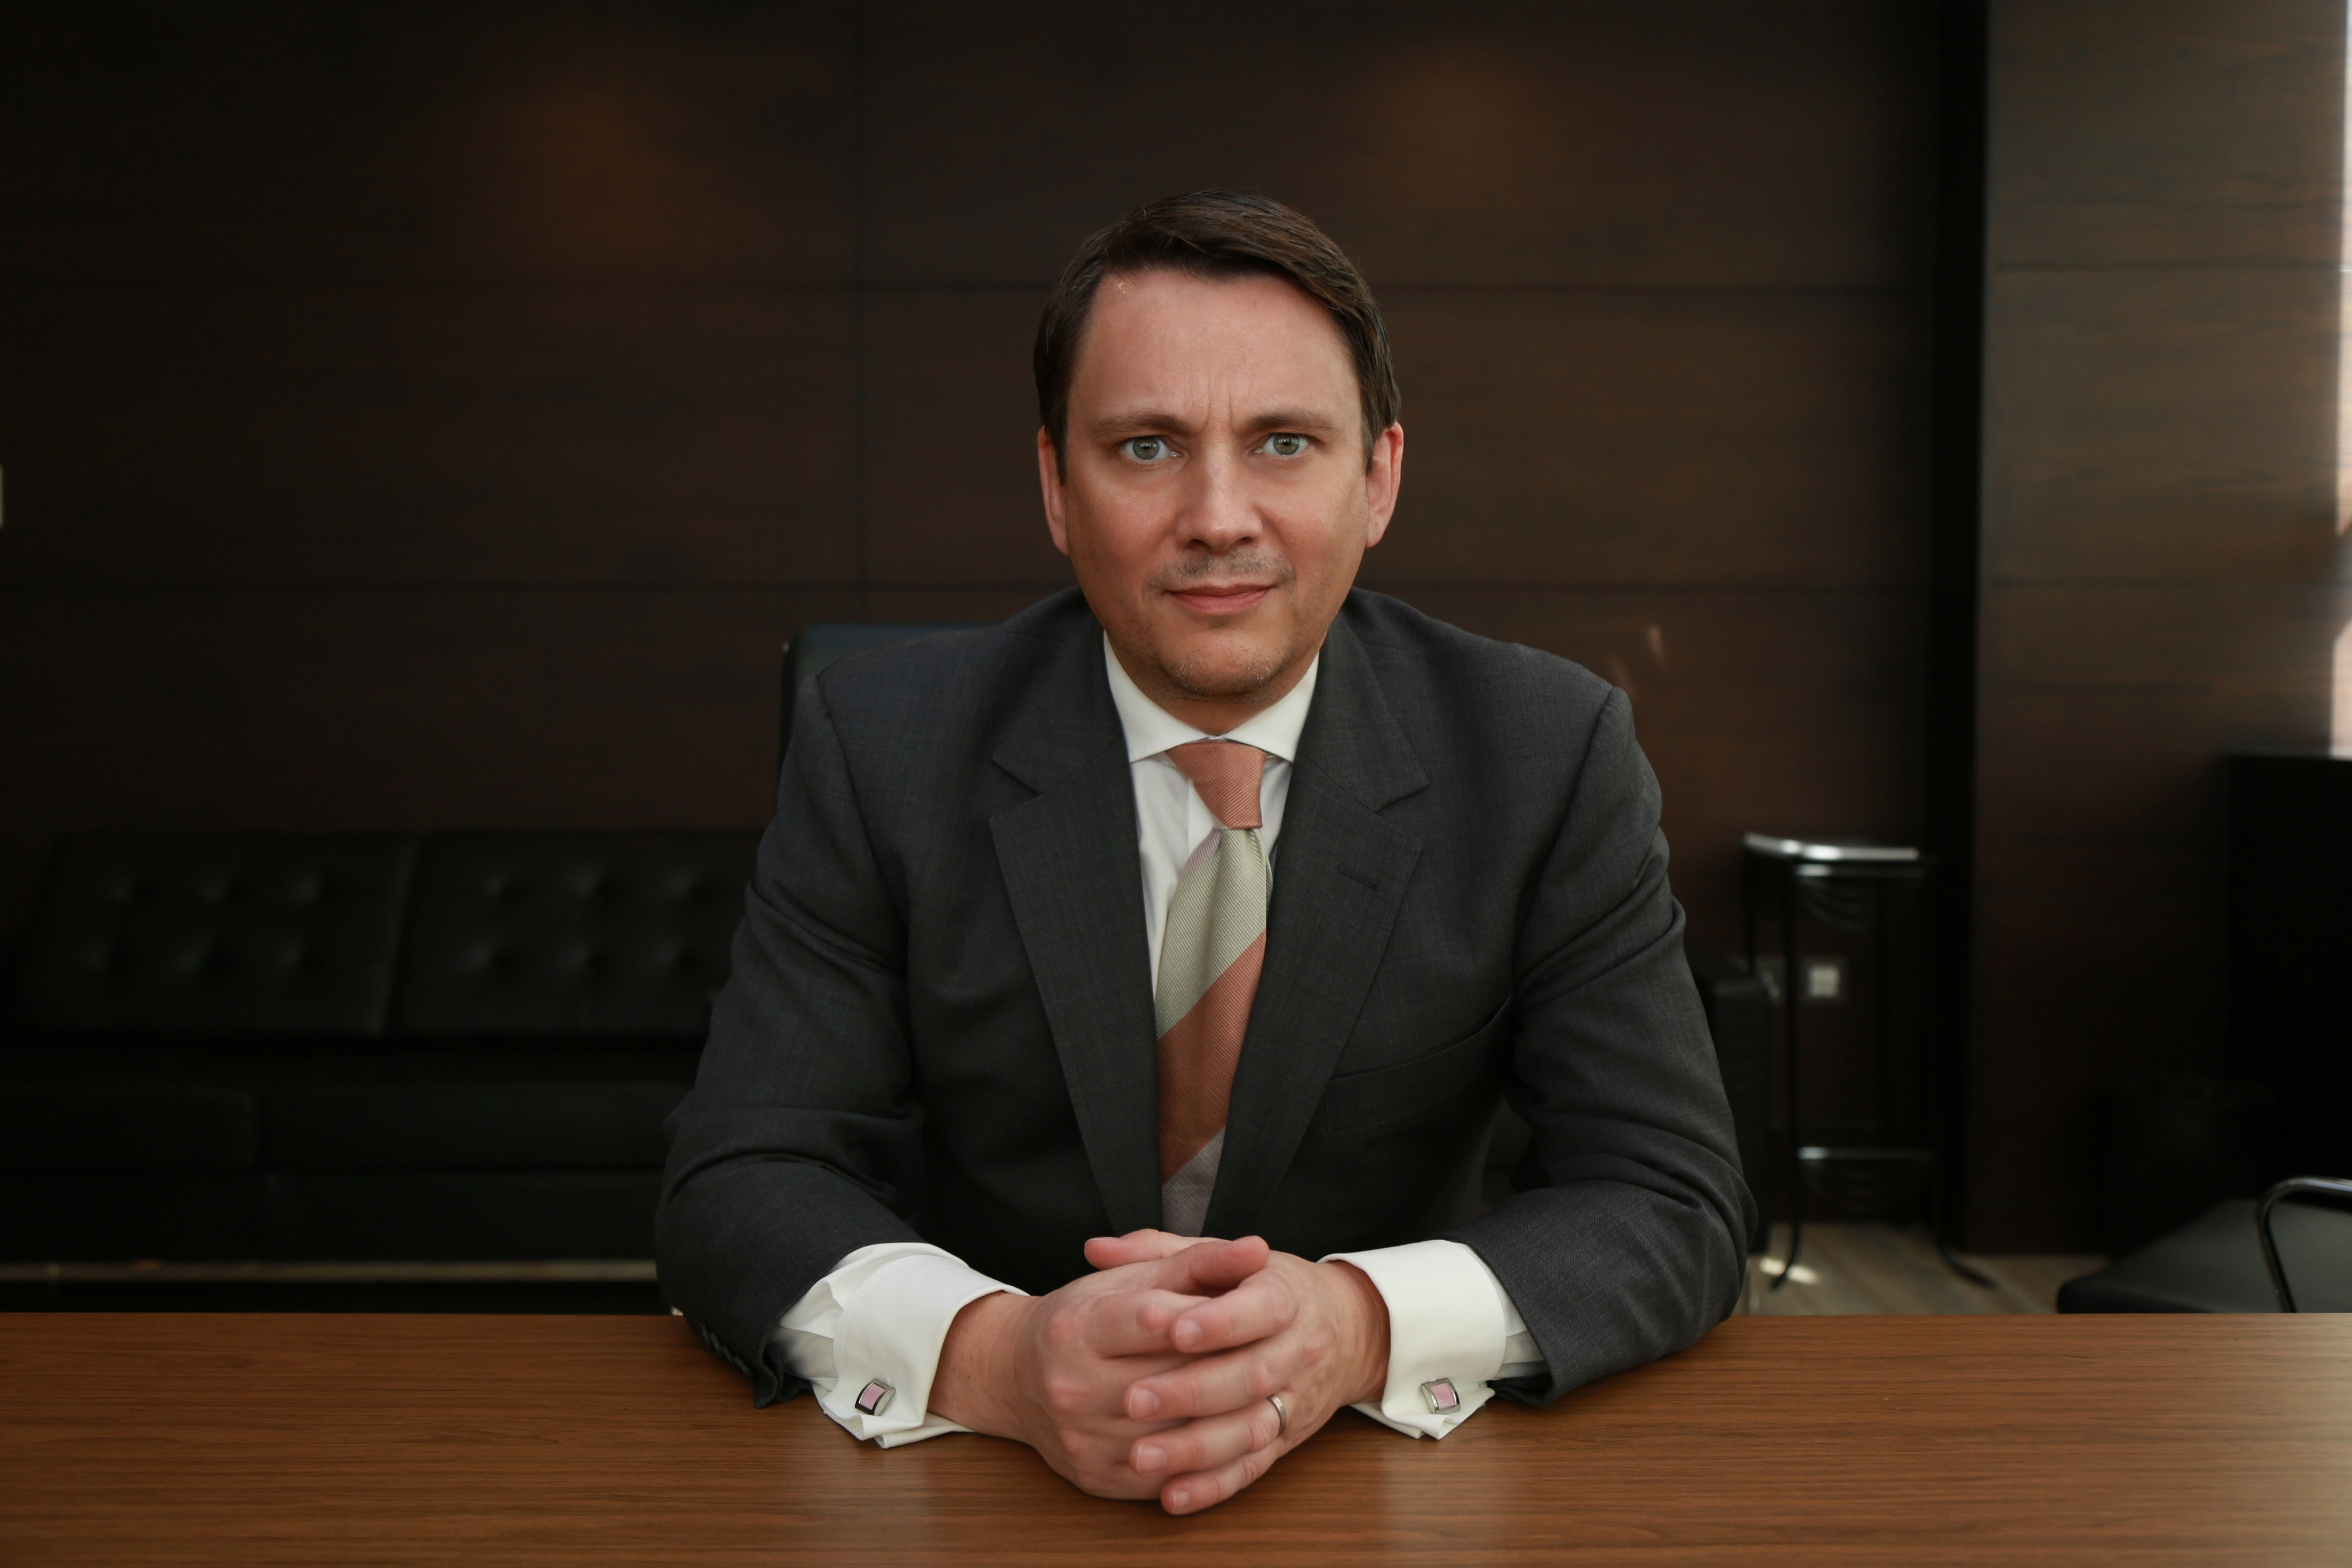 Jeremy Pooley